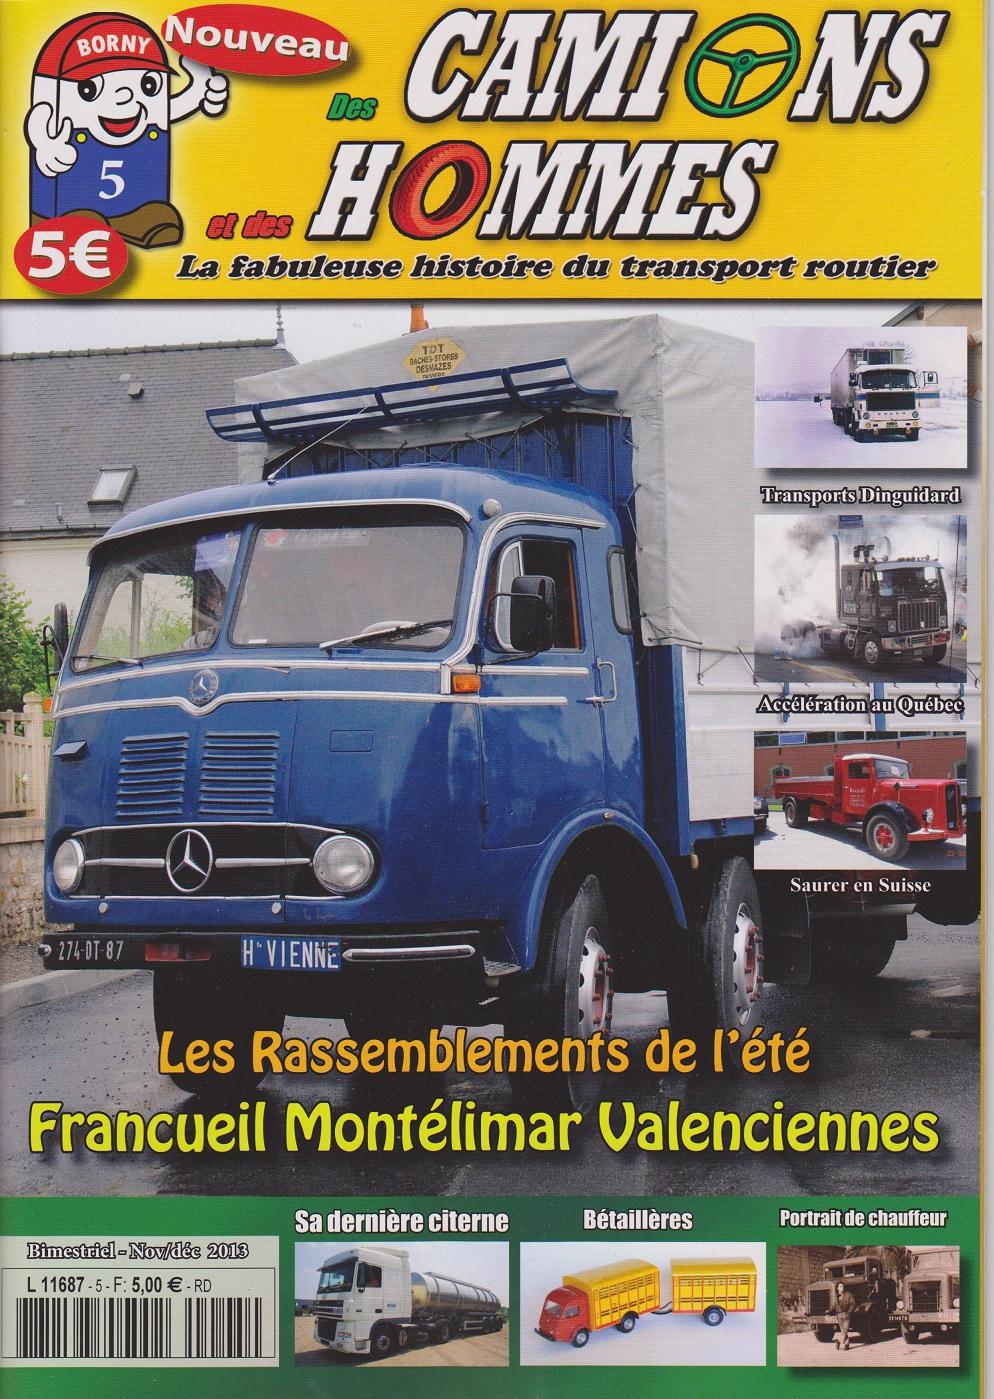 Magazine N°5 Des Camions et des Hommes (Etranger)